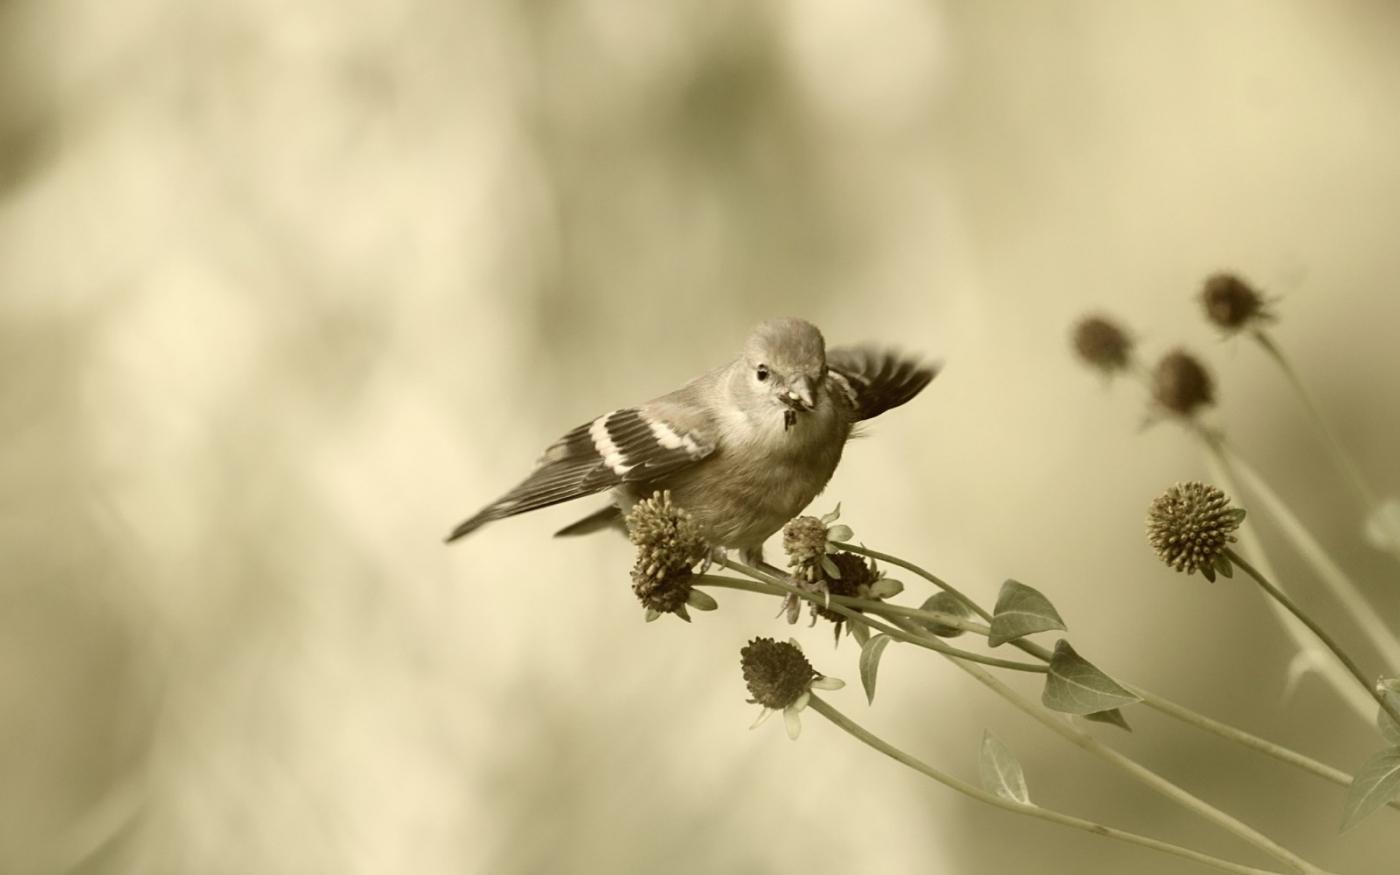 [田螺摄影]金翅鸟_图1-7